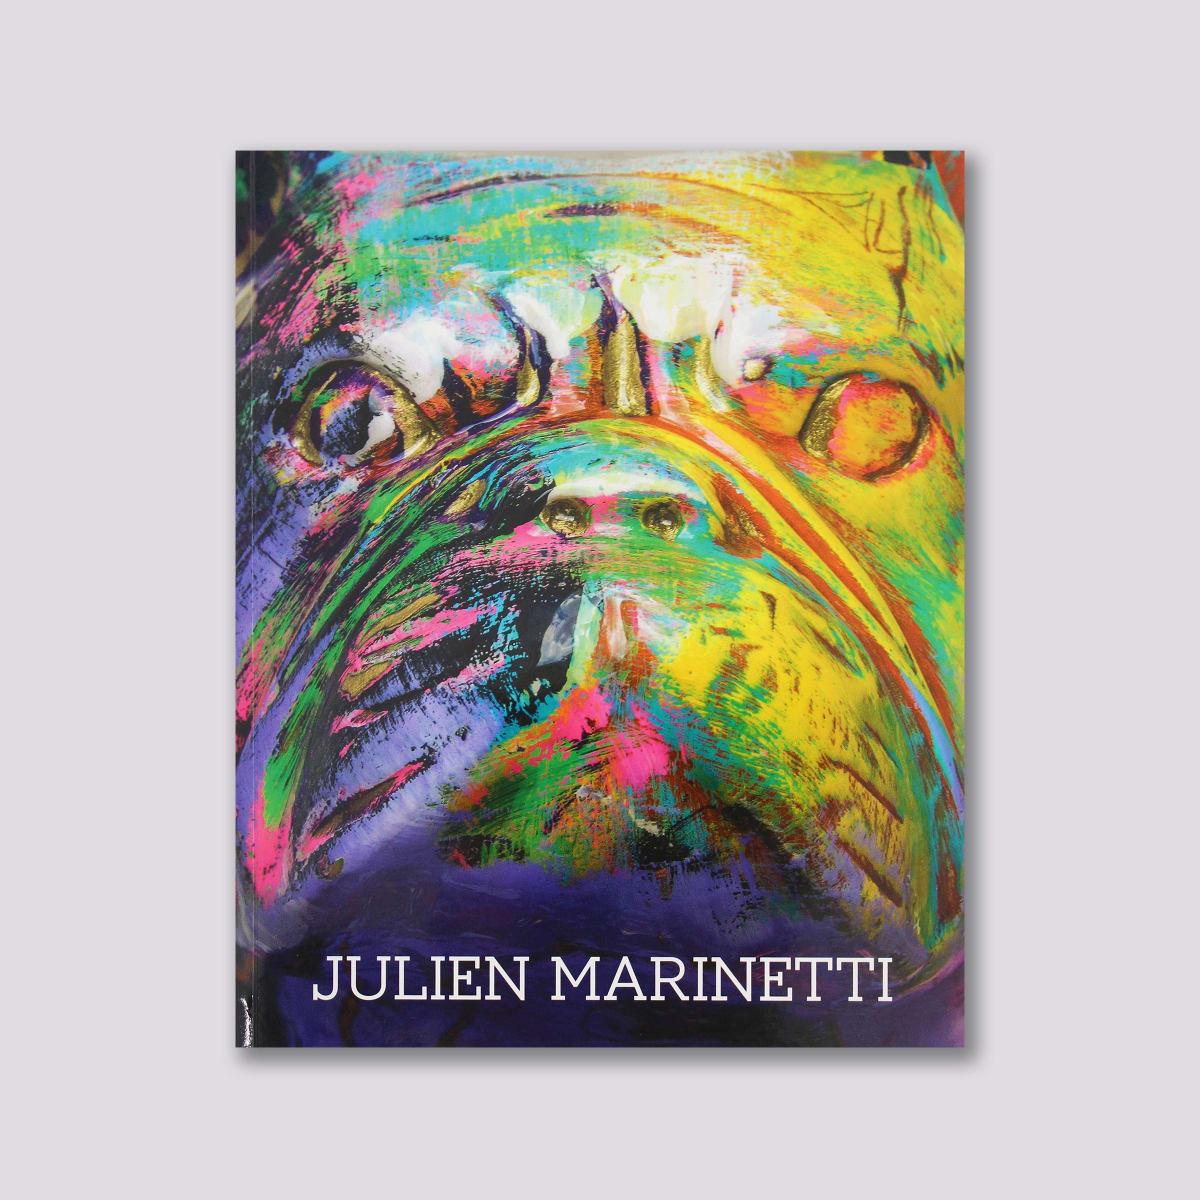 Julien Marinetti